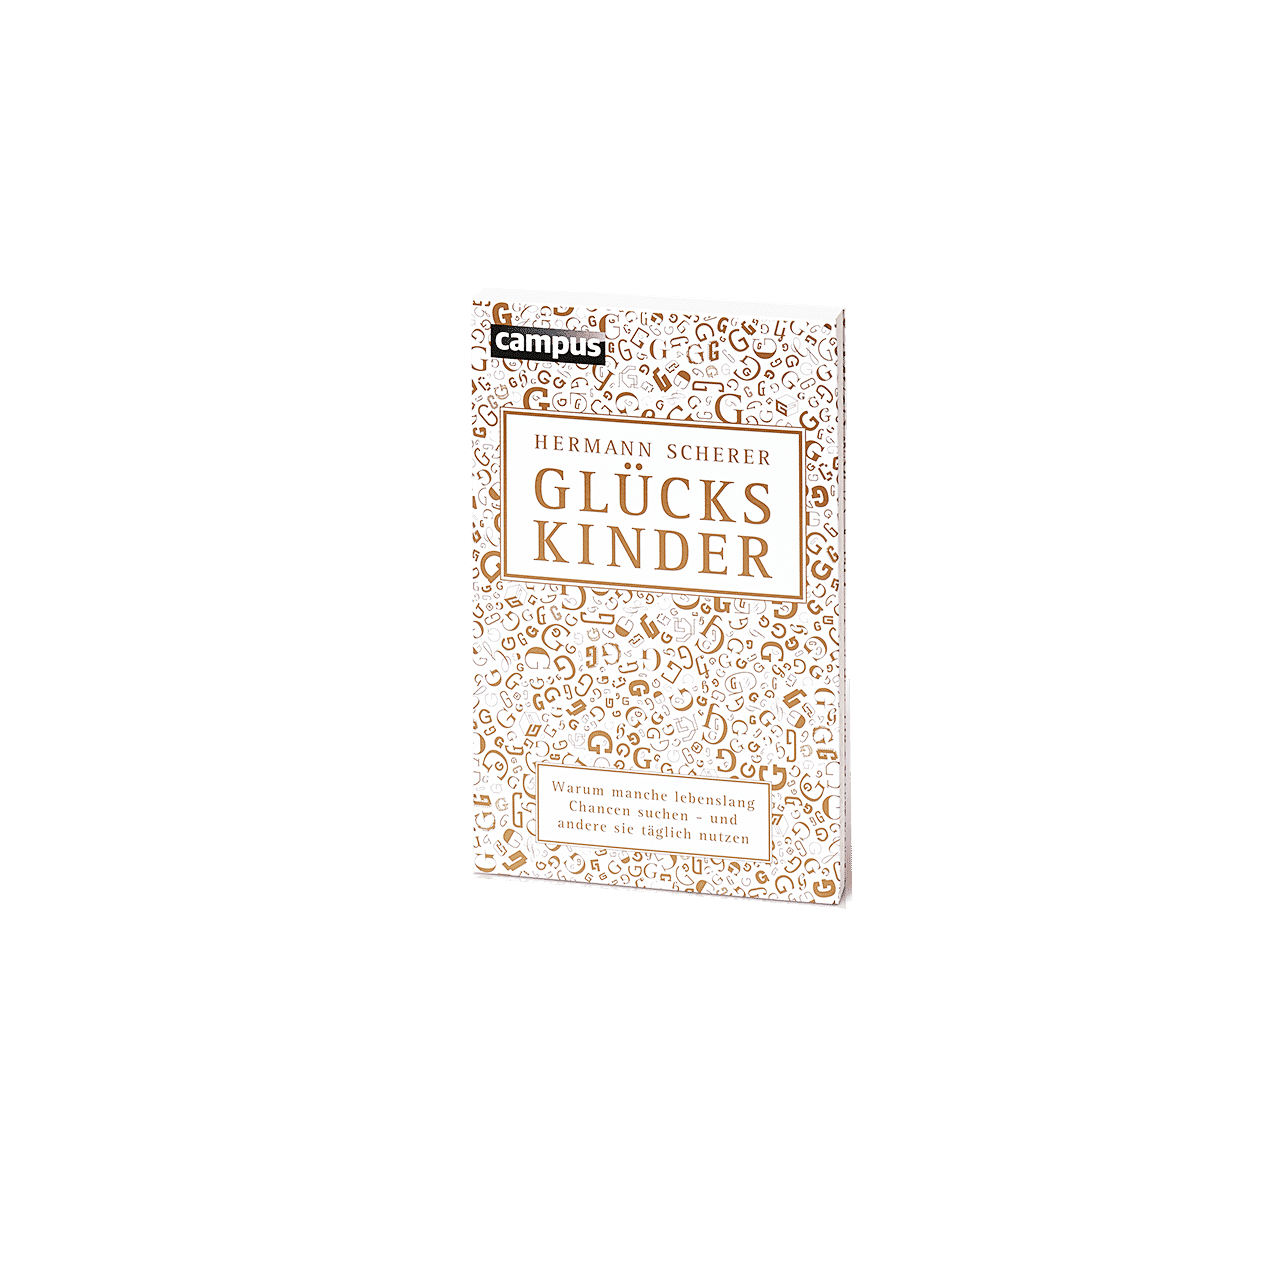 Glückskinder Buch - Spiegel Bestseller von Hermann Scherer